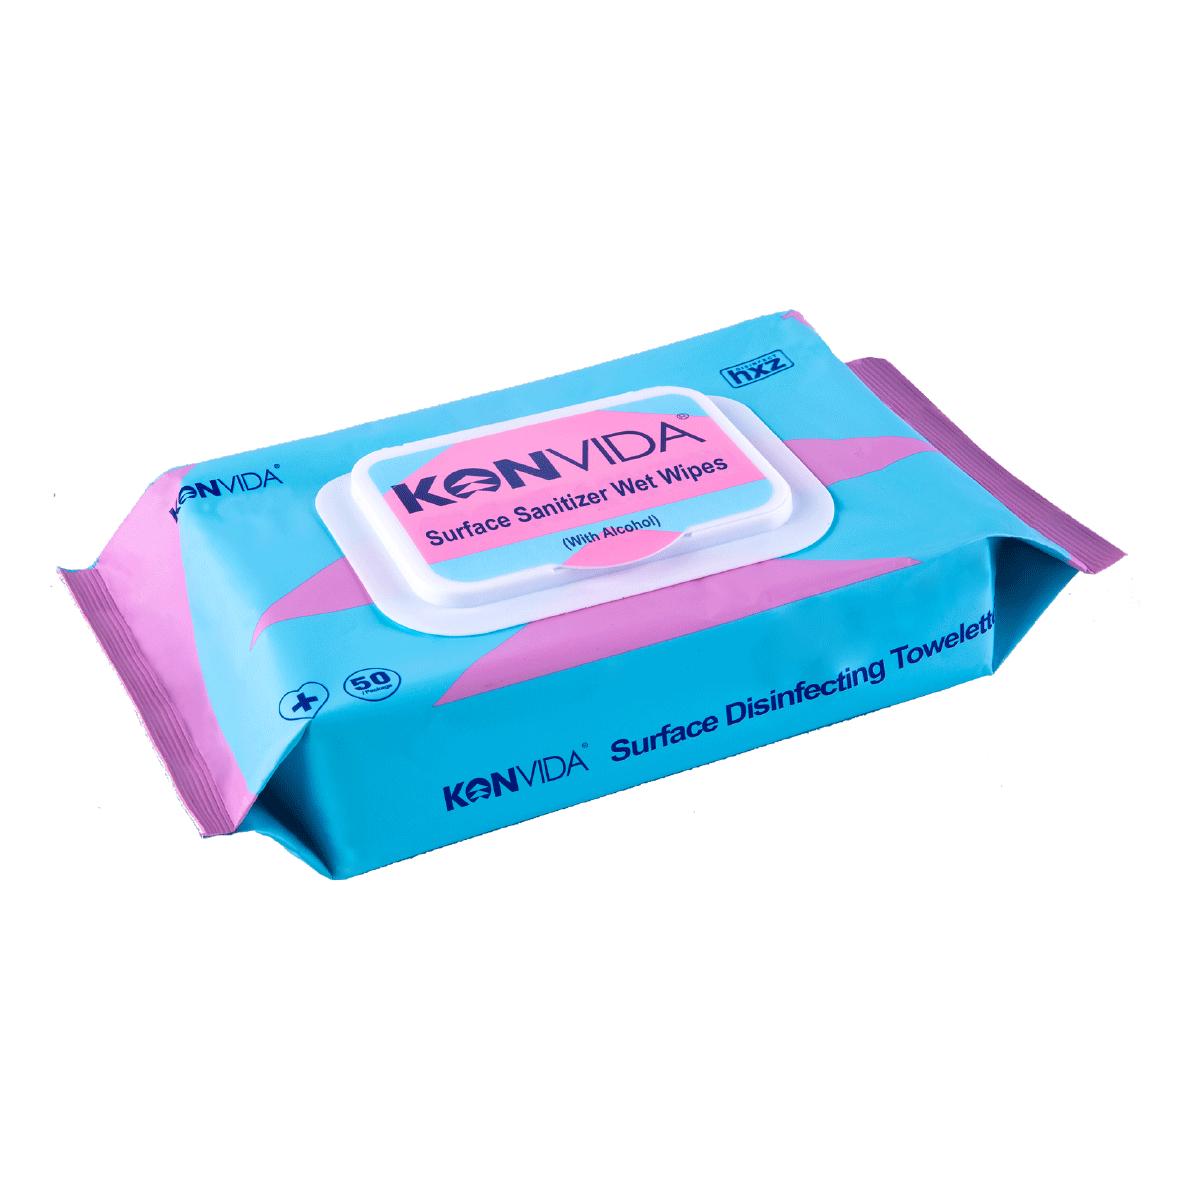 KNOVIDA® Surface Sanitizer Wet Wipes (With Alcohol)